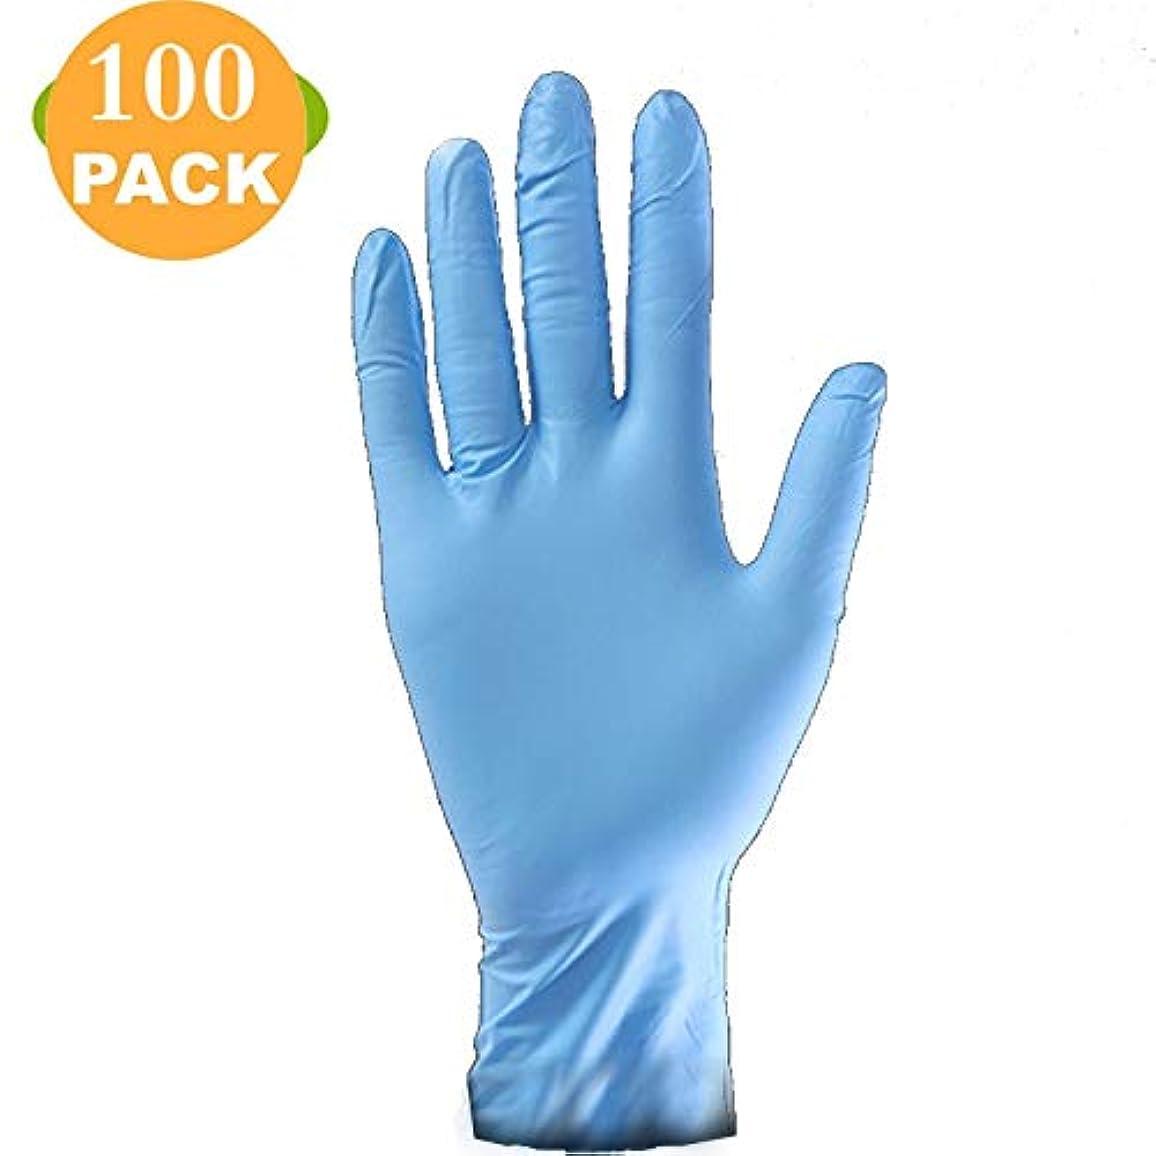 先のことを考える法令洋服ニトリル使い捨てパウダーフリー耐酸クリーン美容ネイルサロン油と酸耐性-100パーボックス (Color : Blue, Size : M)